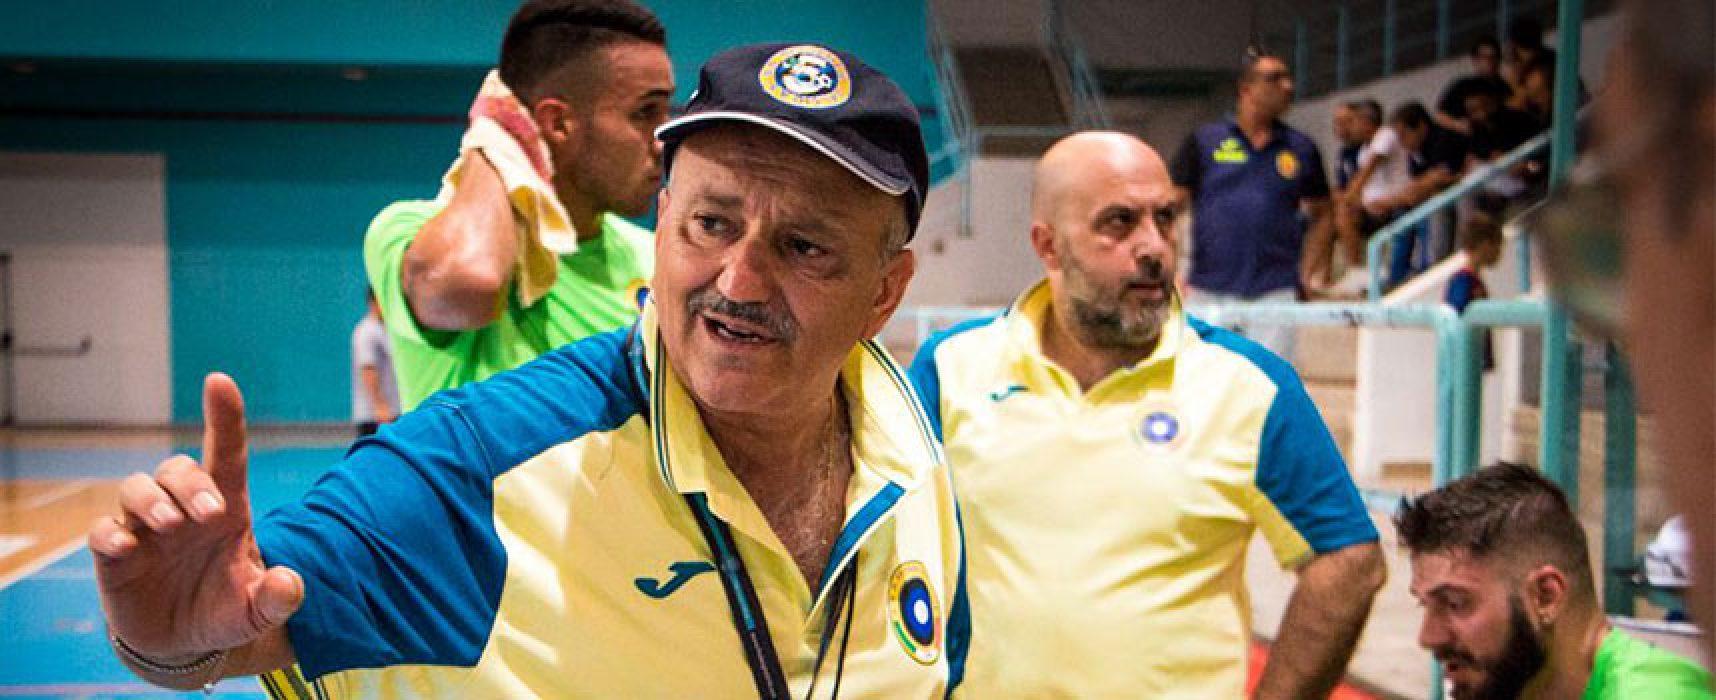 Futsal Bisceglie, è tempo di Coppa: oggi trasferta a Sammichele